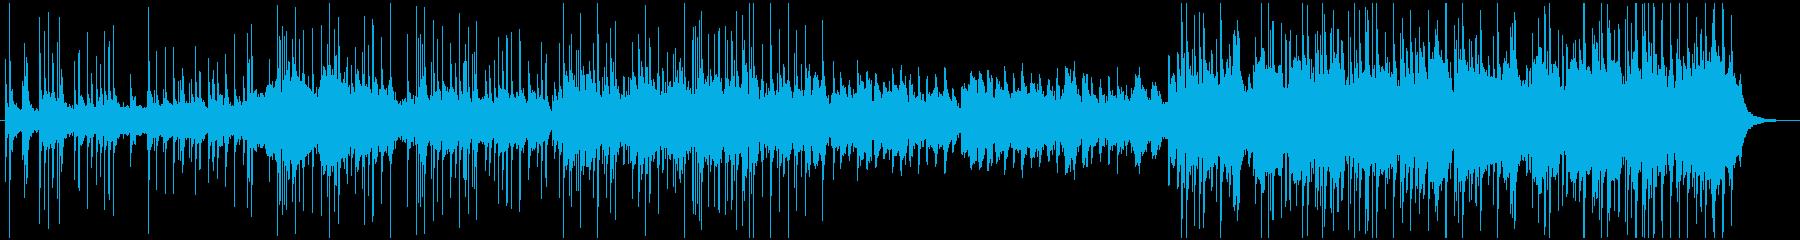 琴と三味線による夏をイメージした和風曲の再生済みの波形